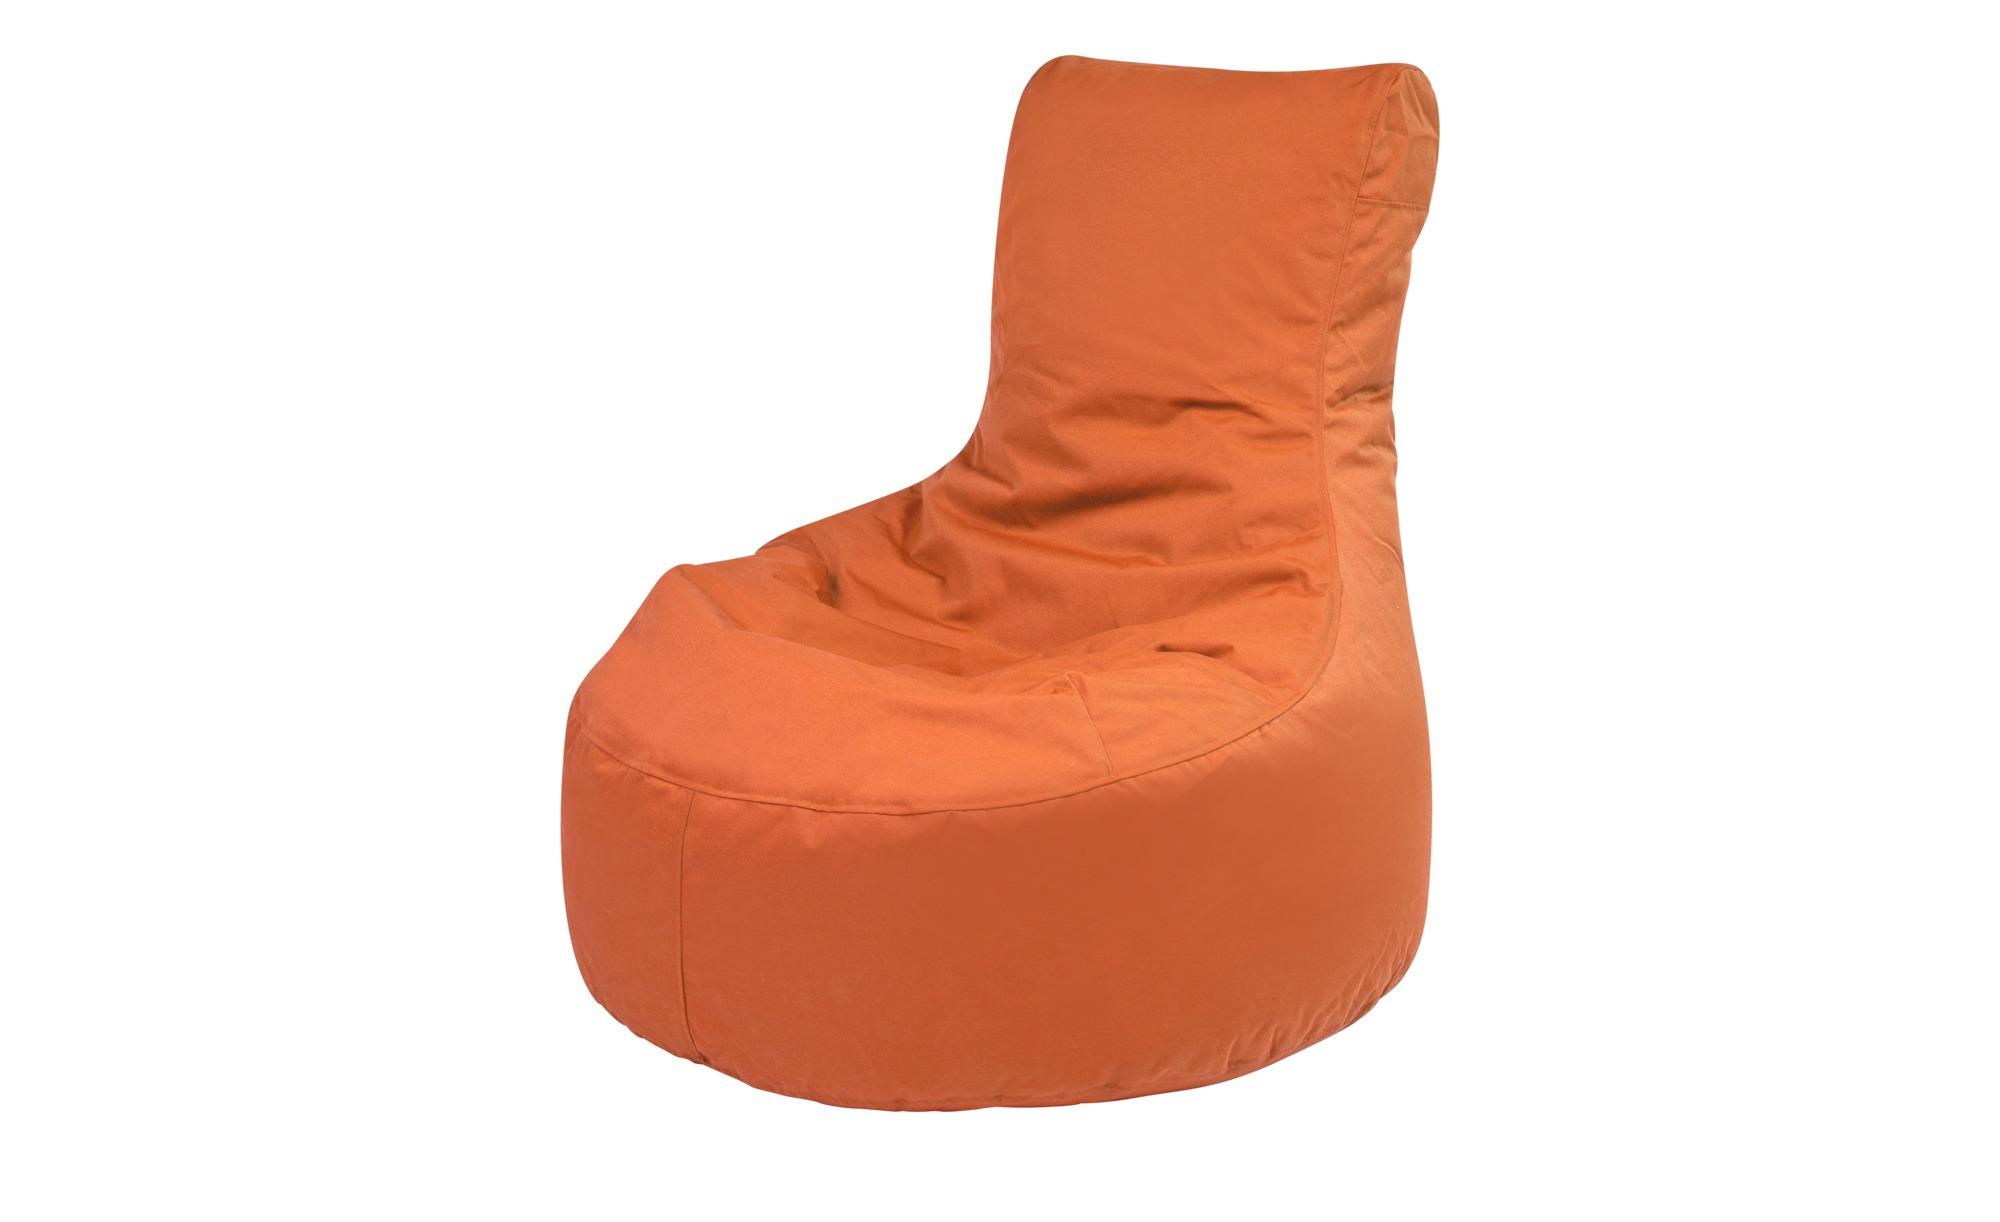 Sitzsack  Slope Plus ¦ orange ¦ Maße (cm): B: 85 H: 90 T: 85 Garten > Auflagen & Kissen > Outdoor-Sitzsäcke - Höffner